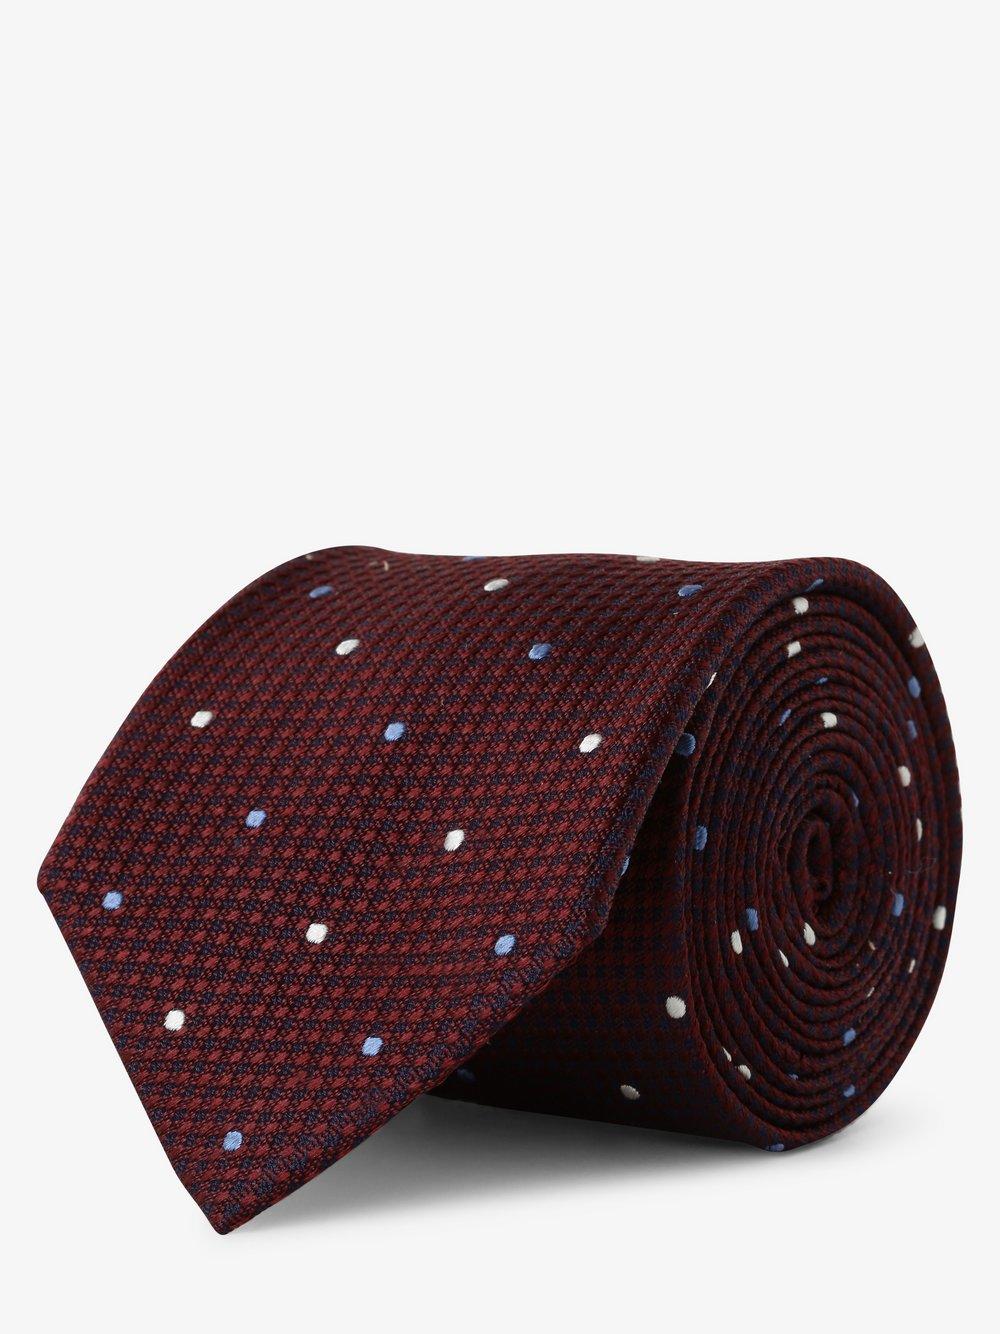 Andrew James New York – Krawat jedwabny męski, czerwony Van Graaf 487406-0001